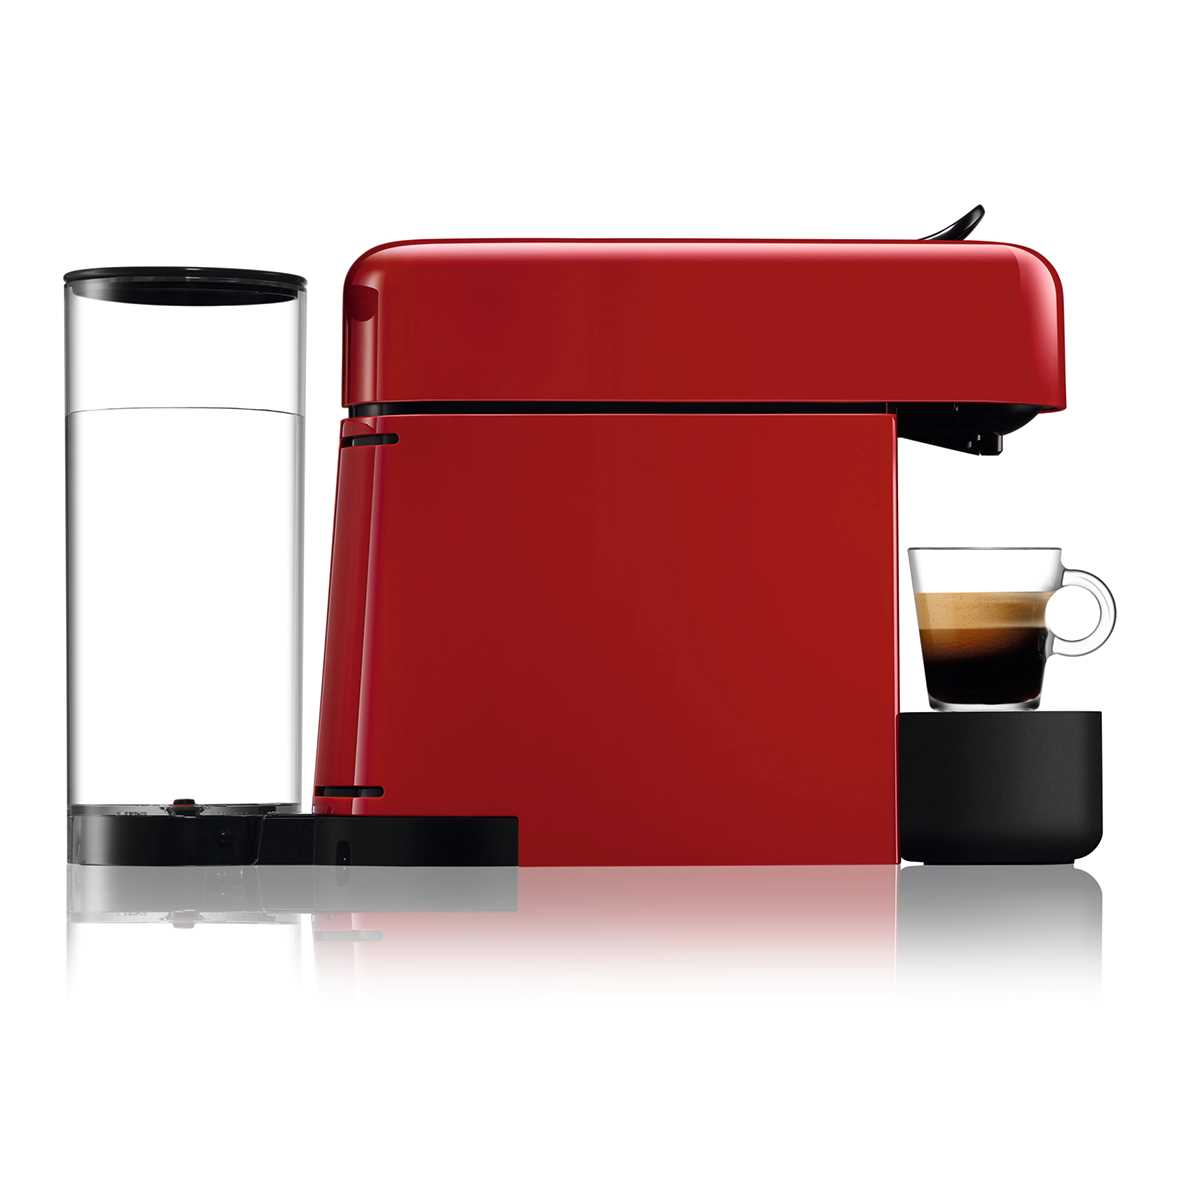 מכונת אספרסו Nespresso Essenza D45 Plus נספרסו - צבע אדום - תמונה 3